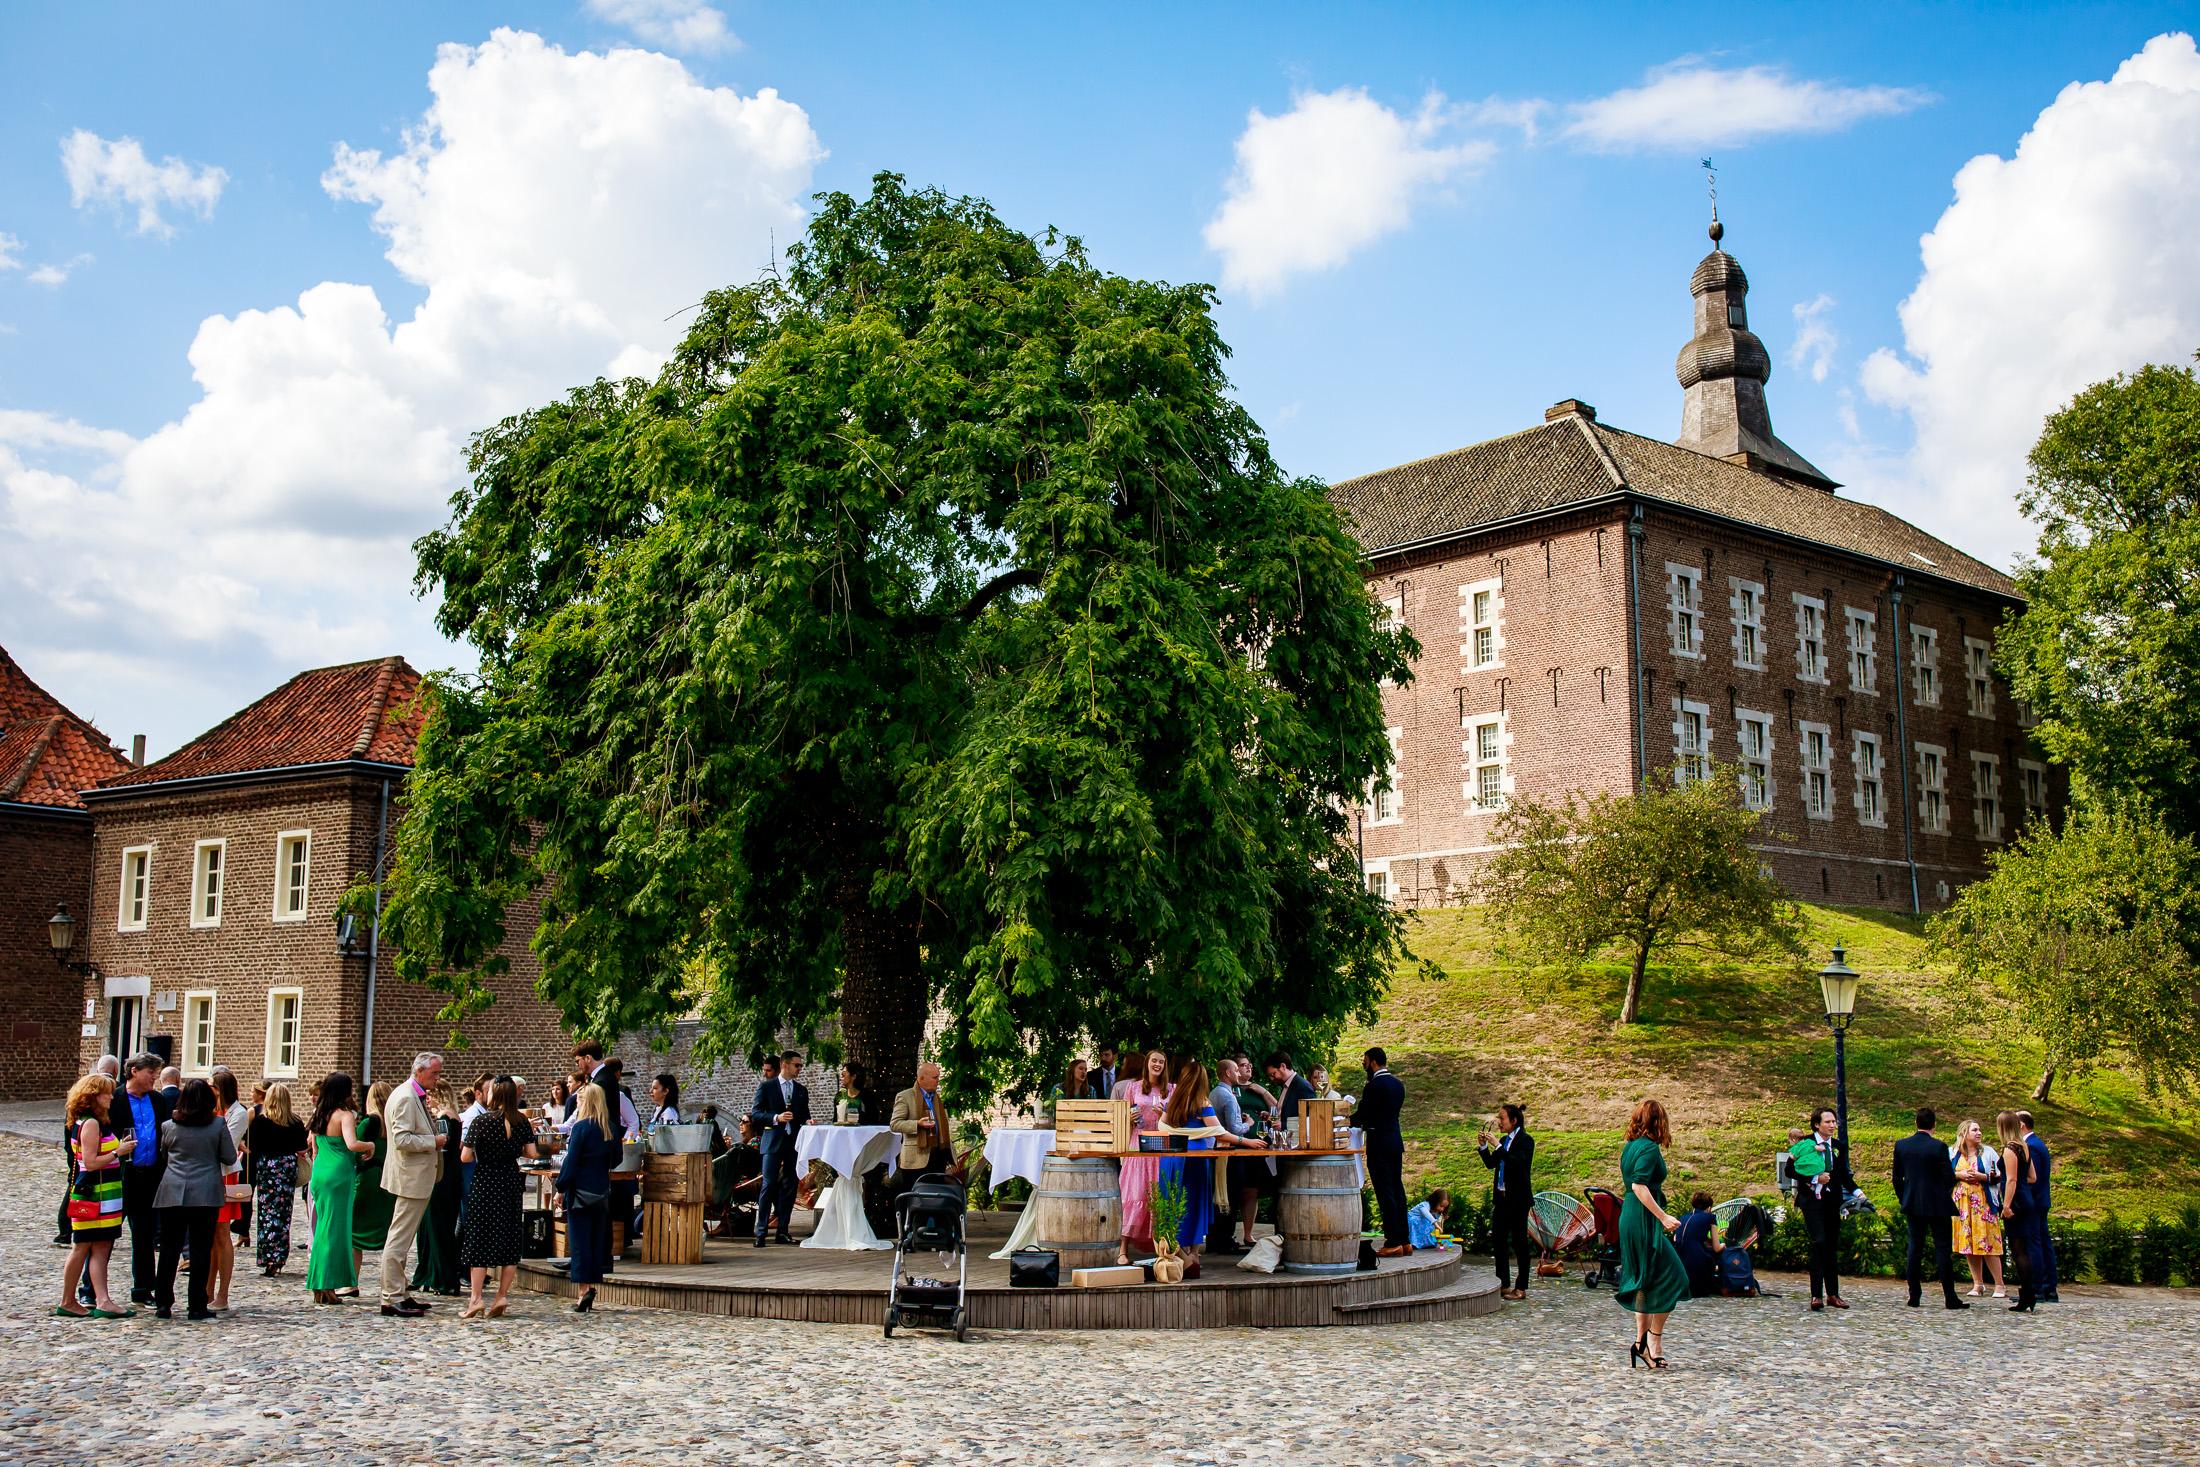 Trouwen bij Kasteel Limbricht   Trouwen in Limburg